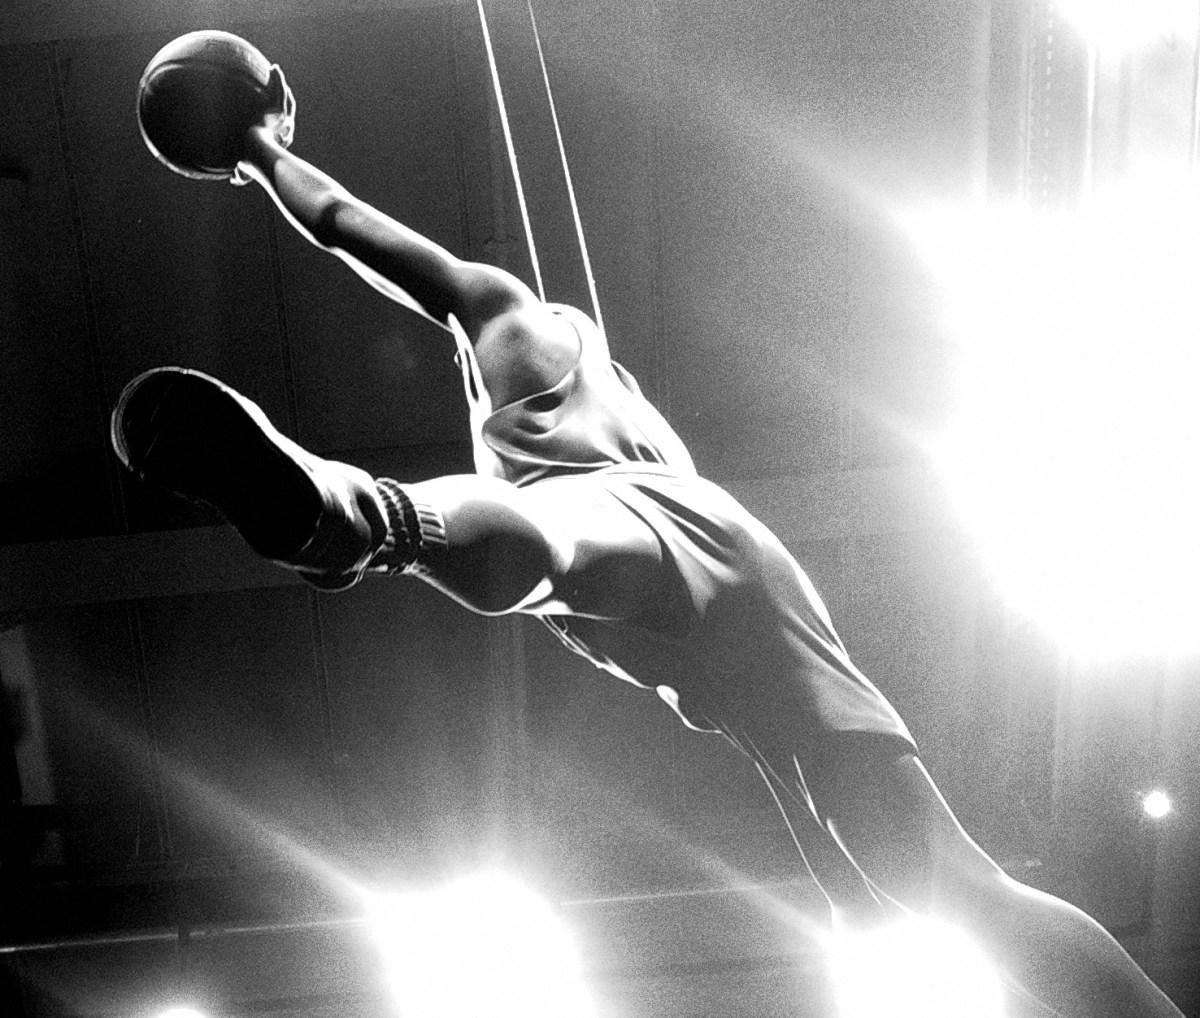 Michael Jordan jumpan